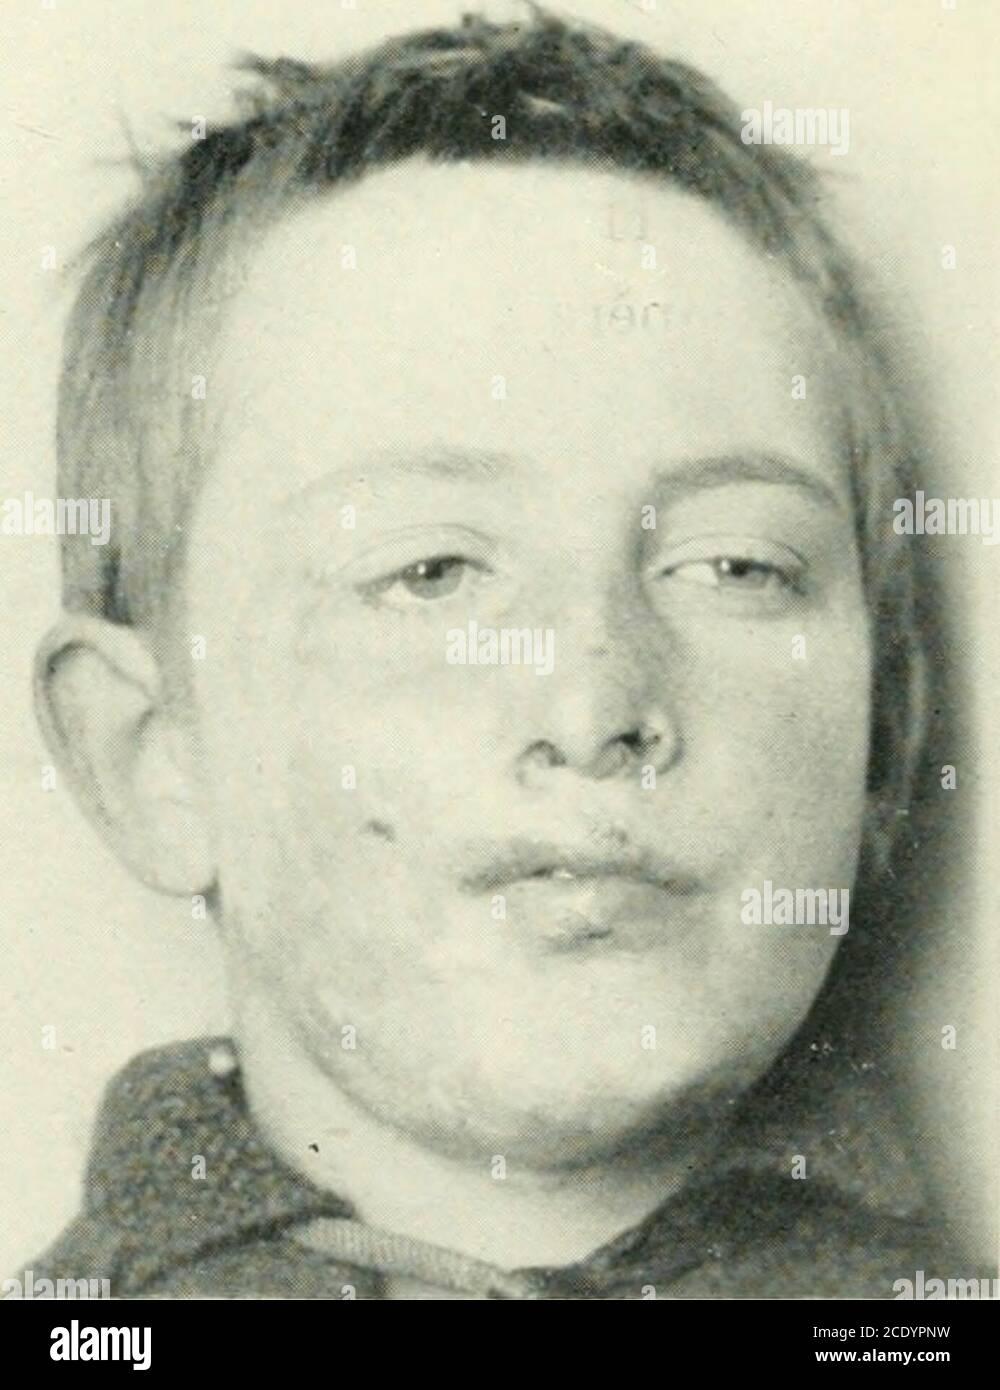 . La revista británica de dermatología . Fig. 2.—7 de mayo de 1922: Después del tratamiento. Gran área cicatrizada, butampus extendiéndose en los márgenes. Fig. 3.—Enero OOTB. 1923: Después de 5 meses de terapia con baño de luz con tratamiento nolocal. PARA ILUSTRAR DR. ARTÍCULO DE SEQUEIRAS SOBRE BAÑOS DE LUZ DE CARBONO-ARC EN EL TRATAMIENTO DEL LUPUS VULGARIS. LUZ DE CARBONO-ARC EN EL. TRATAMIENTO DEL LUPUS VULGARIS. 97 y otros factores de interés biológico, y también para probar el etiecto del tratamiento en otras condiciones. Ilustro aquí un caso característico mostrado con otro en la Sección Dermatológica en enero. El niño, de quién Foto de stock